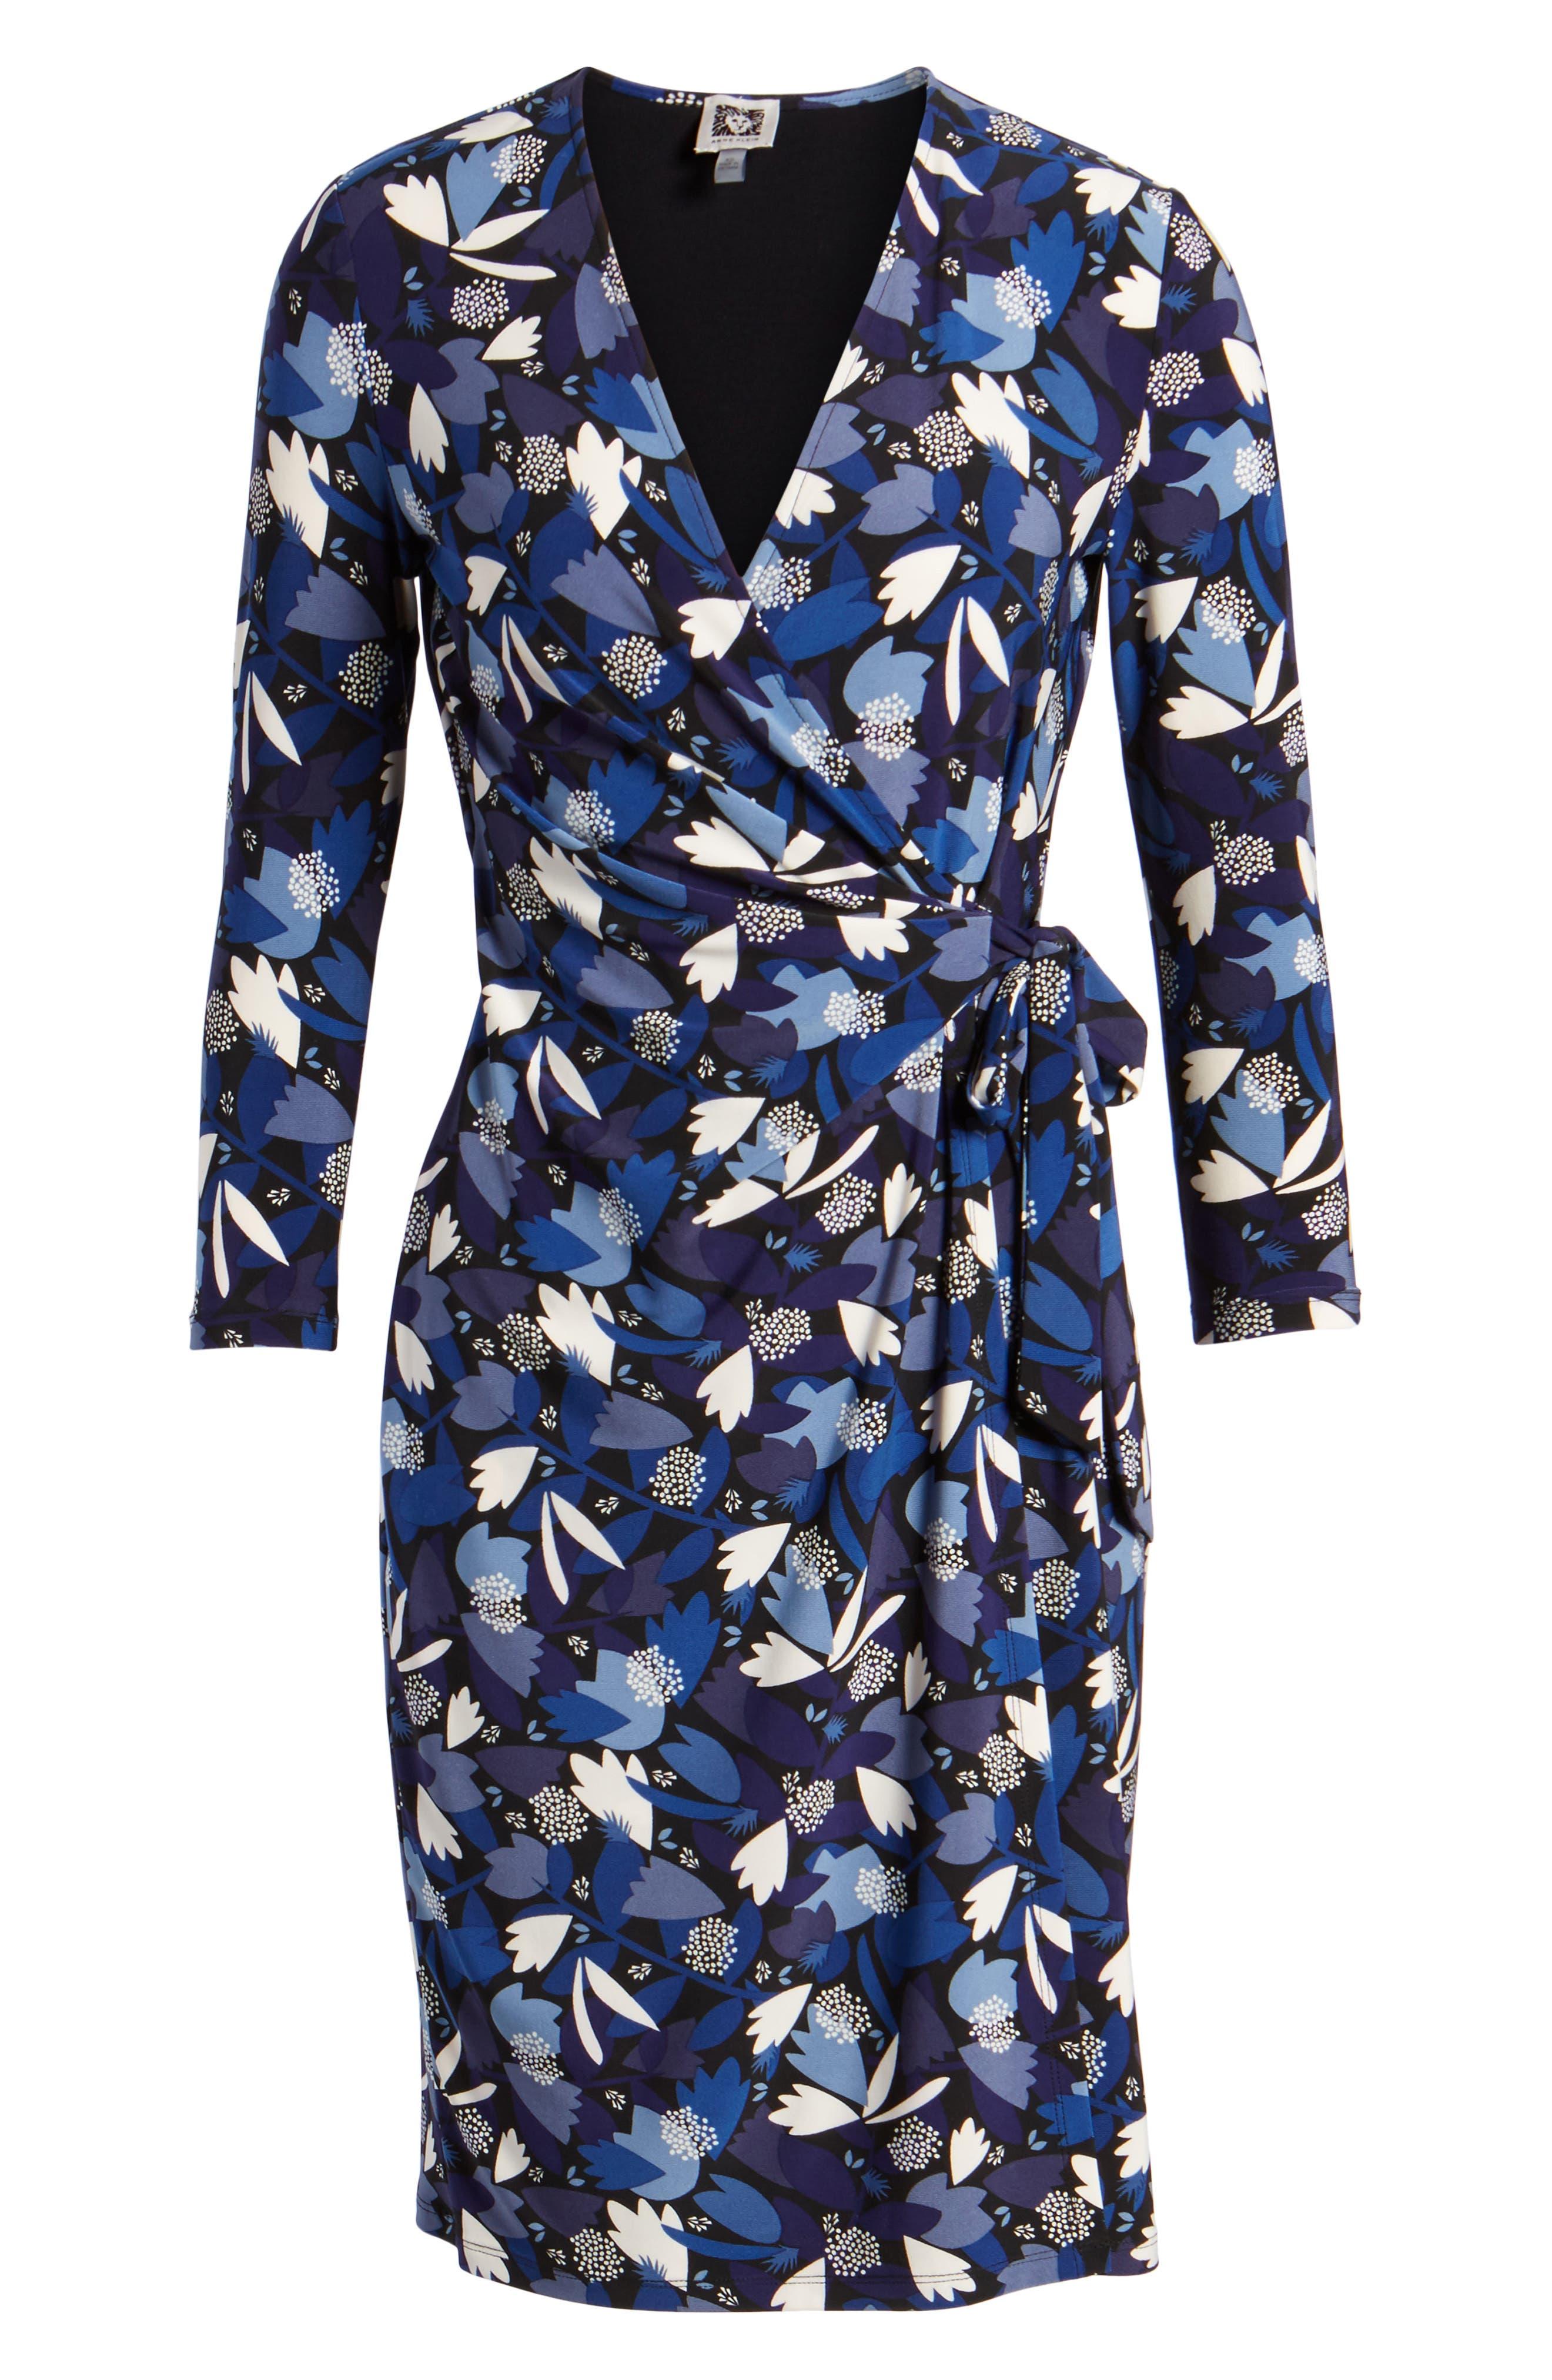 New York Amalfi Print Classic Wrap Dress,                             Alternate thumbnail 6, color,                             Black/ Monaco Combo